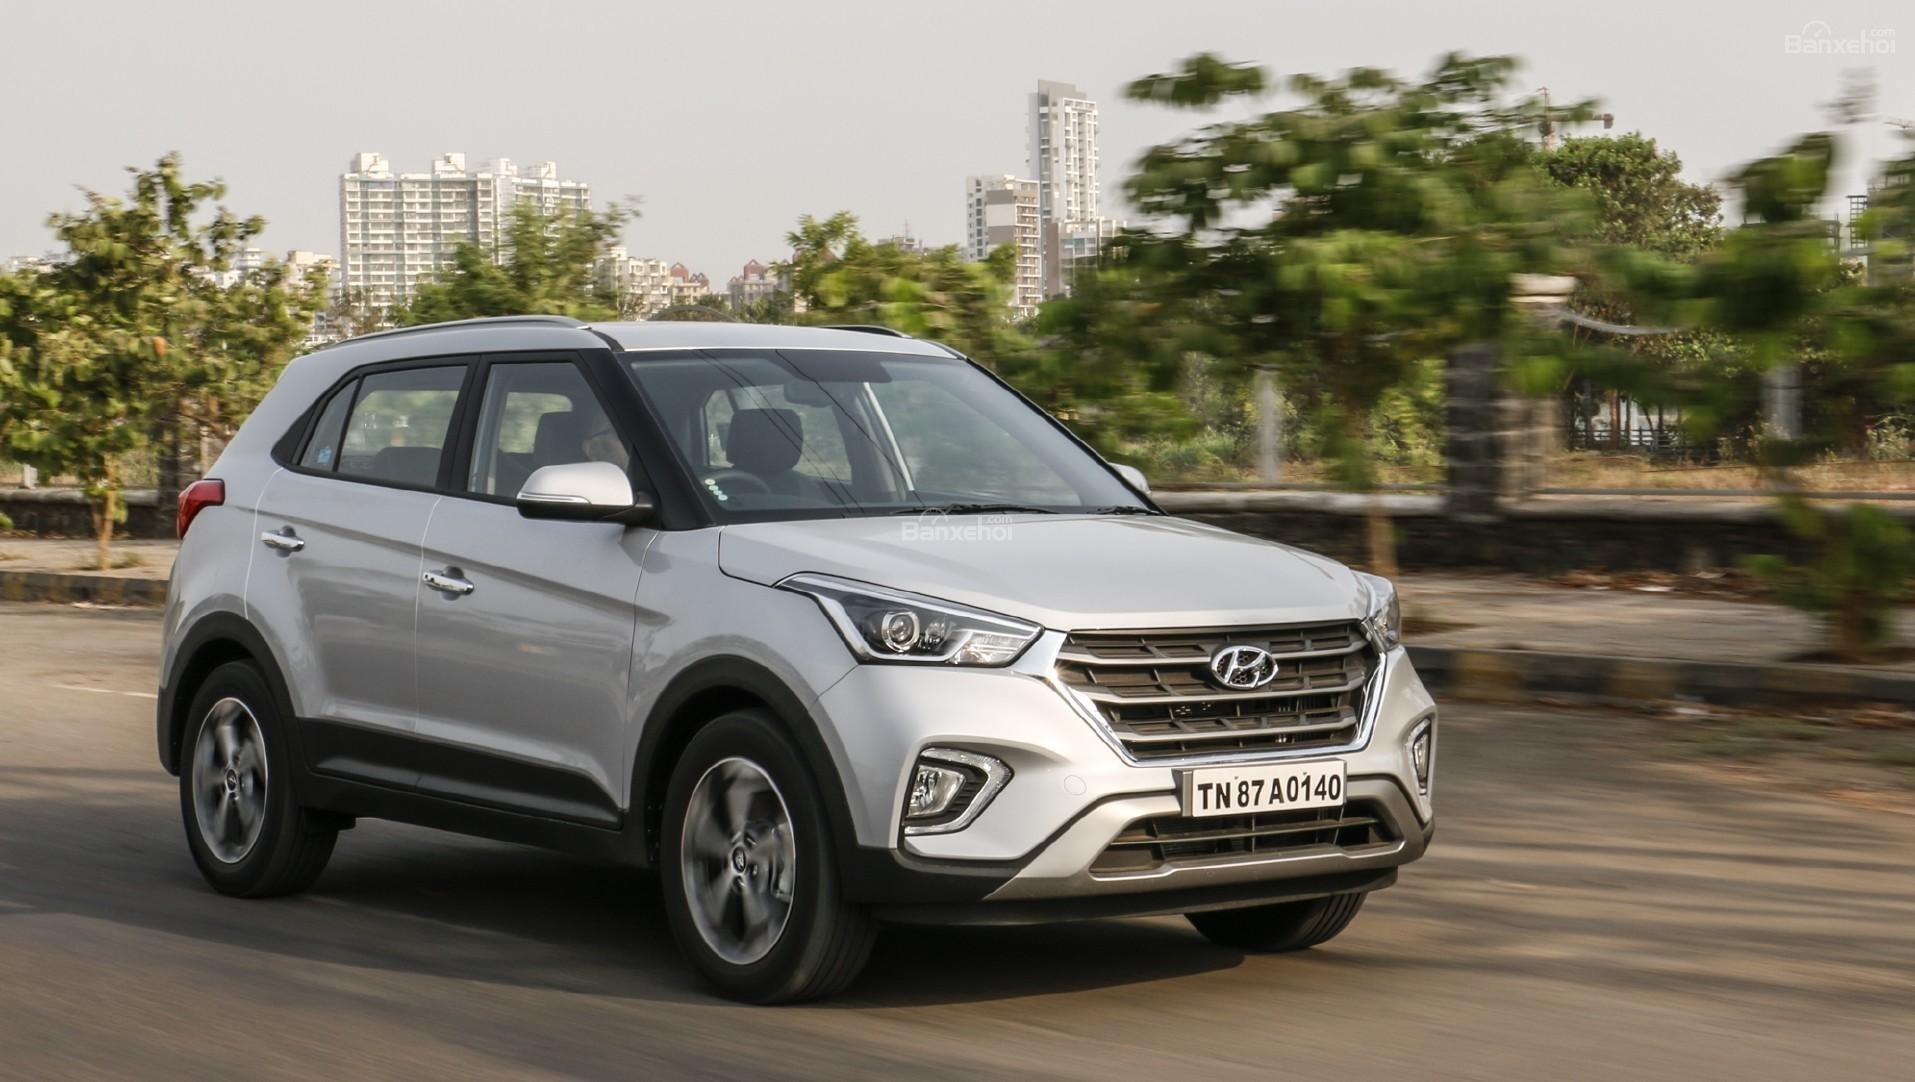 Đánh giá xe Hyundai Creta 2018: Bản nâng cấp đáng tiền z